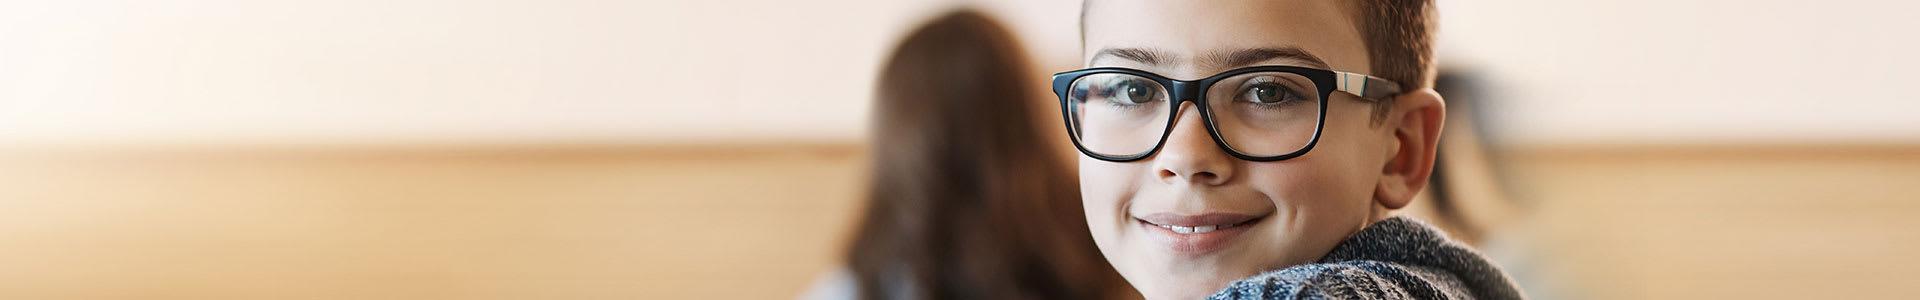 Children's Eyeglasses